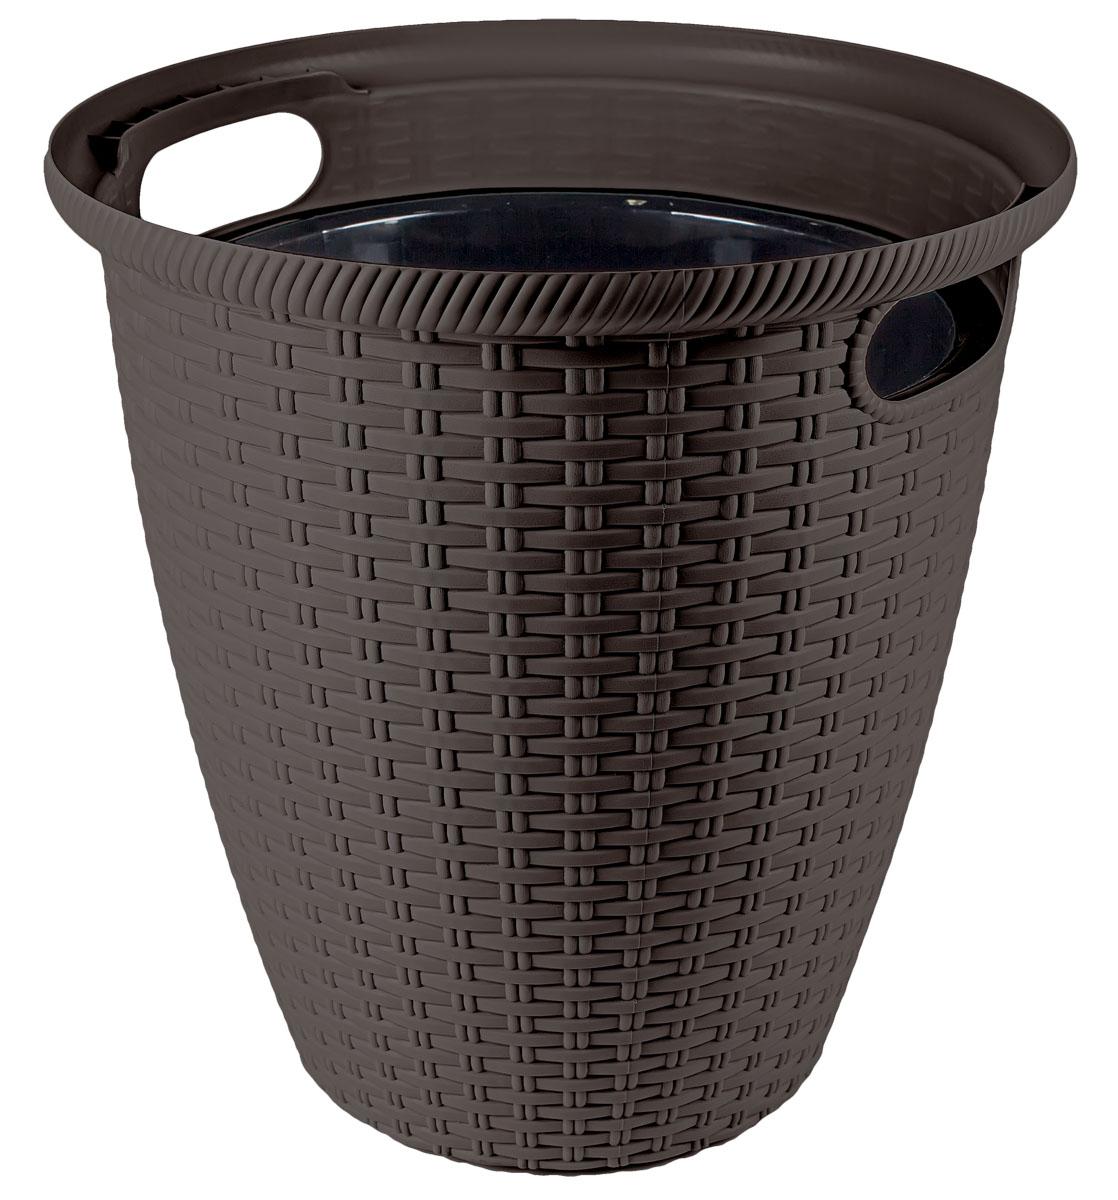 Кашпо InGreen Ротанг, напольное, цвет: венге, диаметр 32,8 смING50020ВНГКашпо InGreen Ротанг изготовлено из высококачественного пластика с плетеной текстурой. Такое кашпо прекрасно подойдет для выращивания растений и цветов в домашних условиях. Лаконичный дизайн впишется в интерьер любого помещения. Размер кашпо: 32,8 х 32,8 х 33 см.